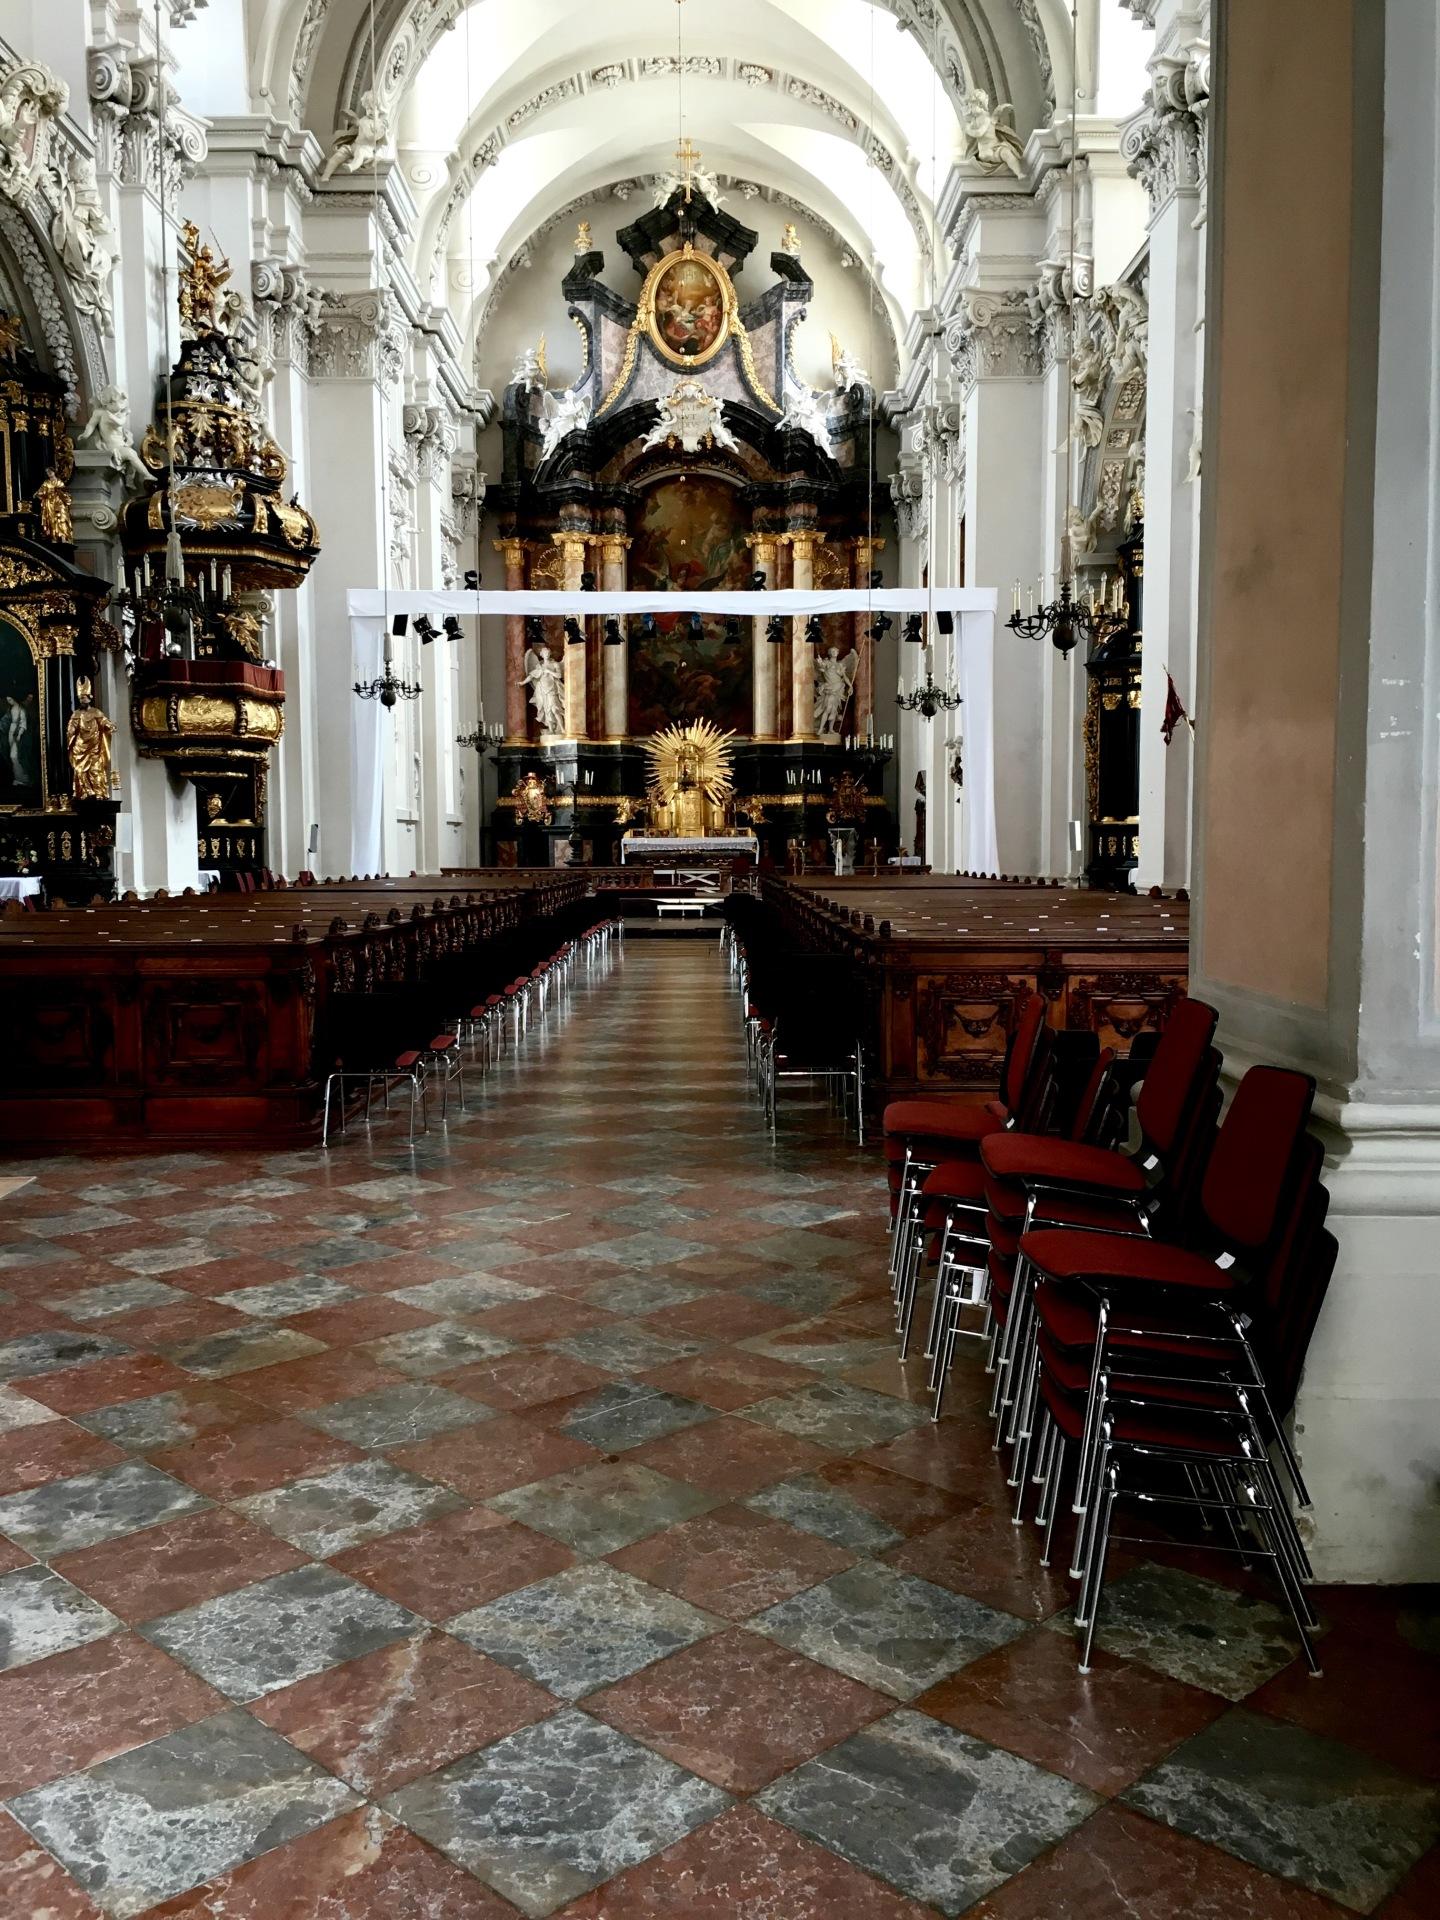 Untitled Church